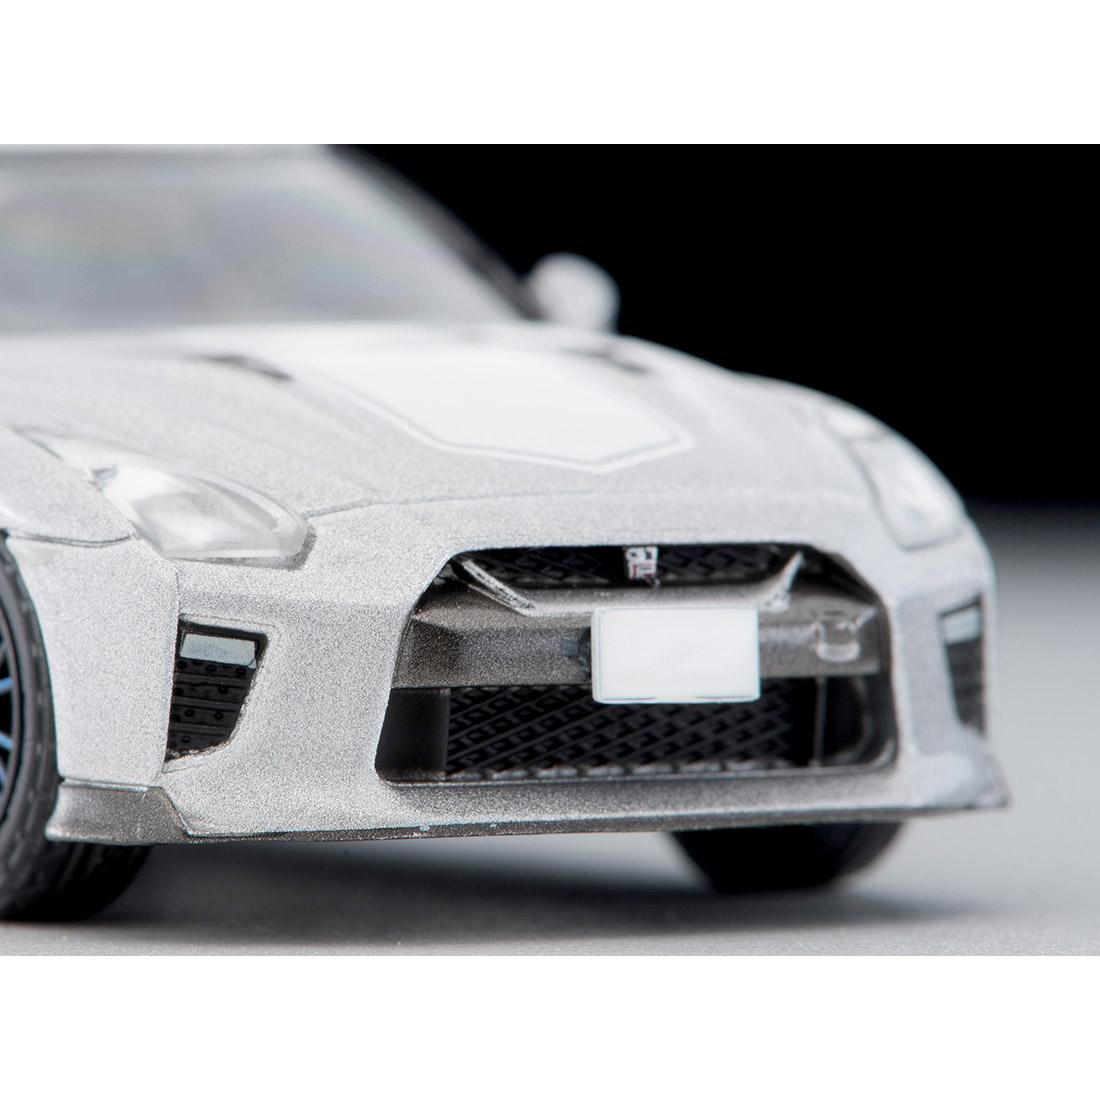 トミカリミテッドヴィンテージ ネオ LV-N200a『日産GT-R 50th ANNIVERSARY(青)』1/64 ミニカー-017